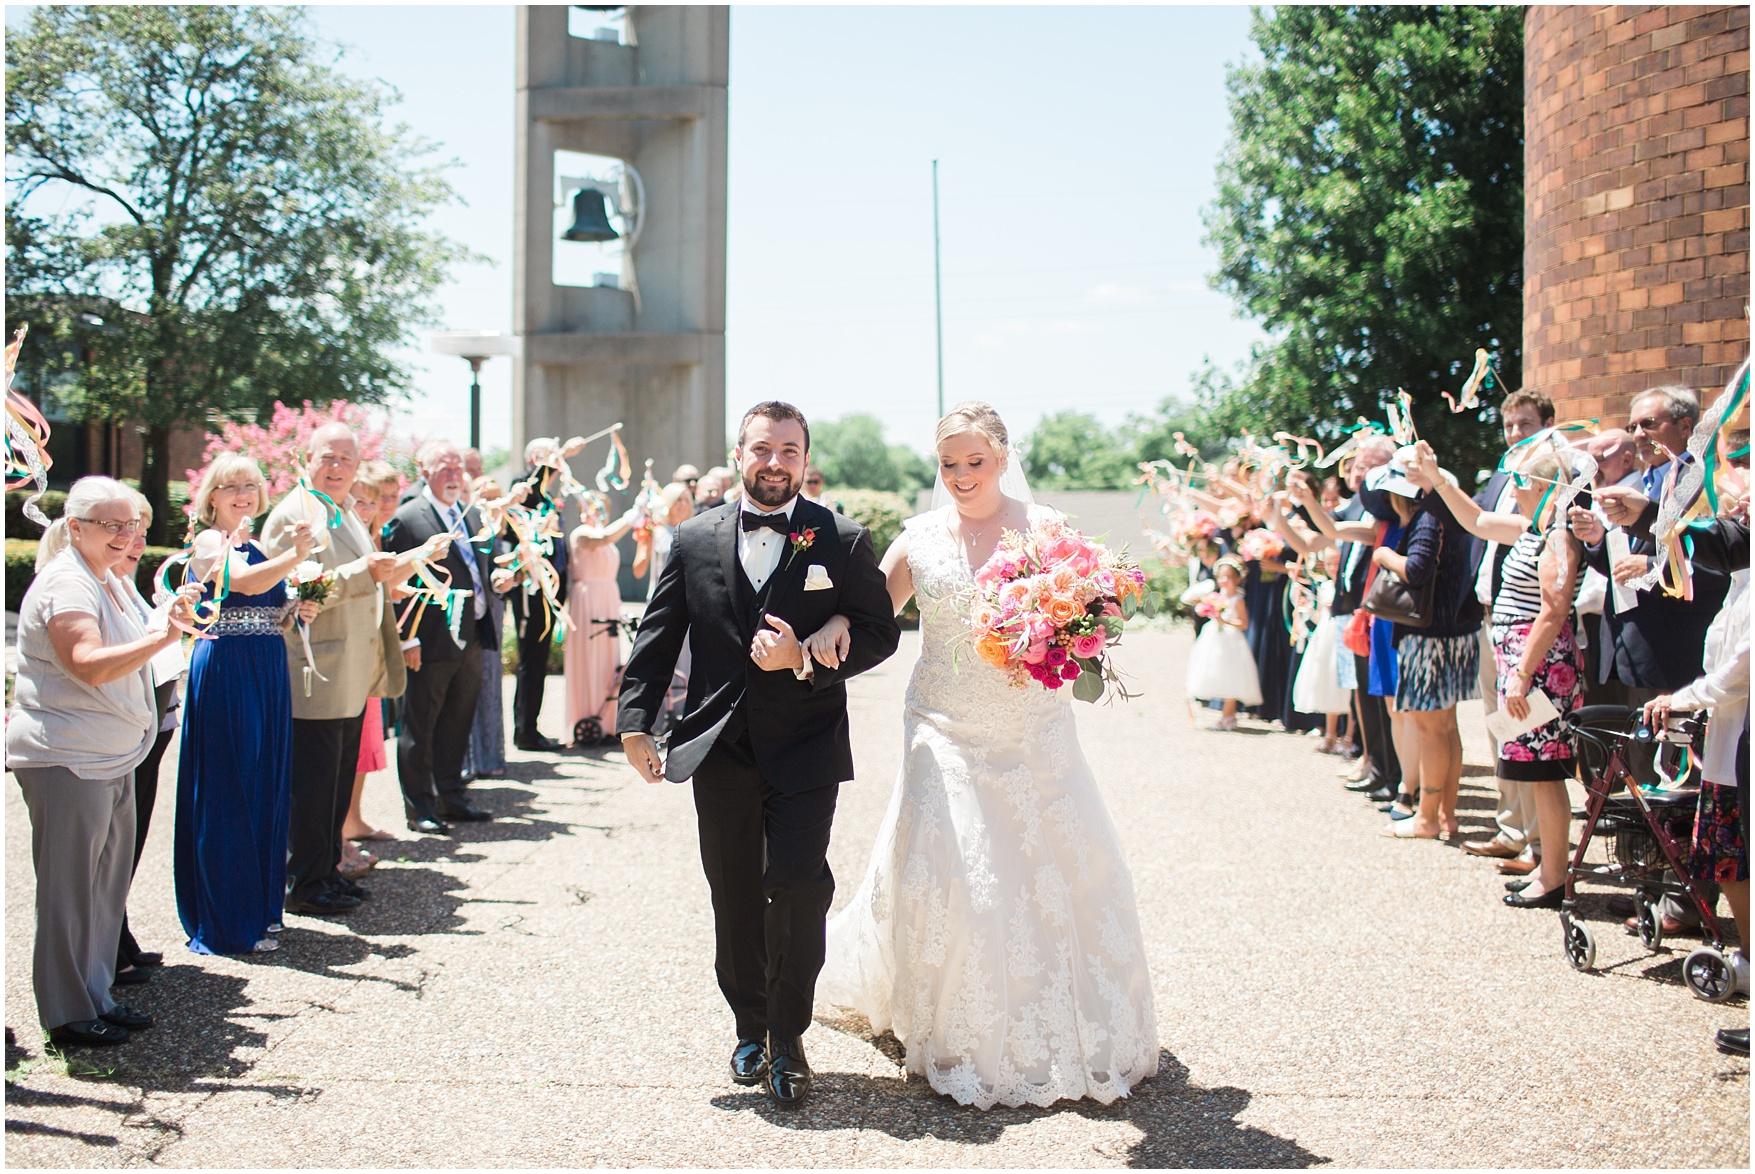 wedding photography st louis_lauren muckler photography_film photographer_film wedding_0168.jpg